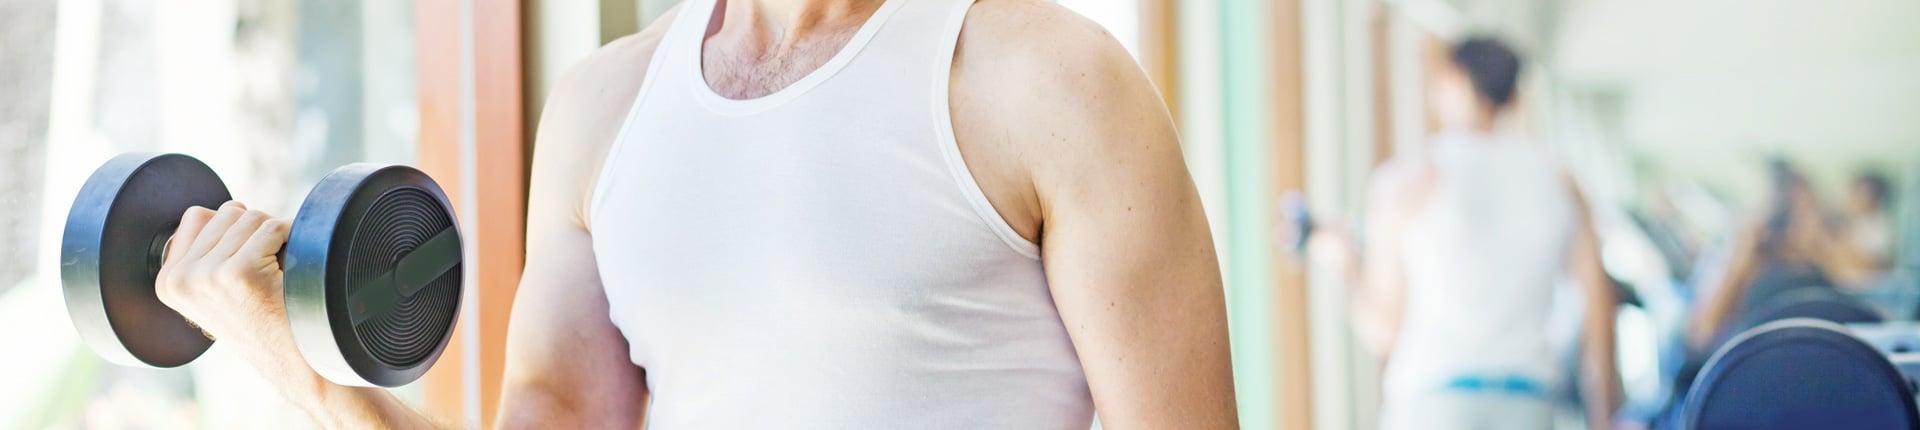 Dieta i suplementacja na masę mięśniową dla początkujących